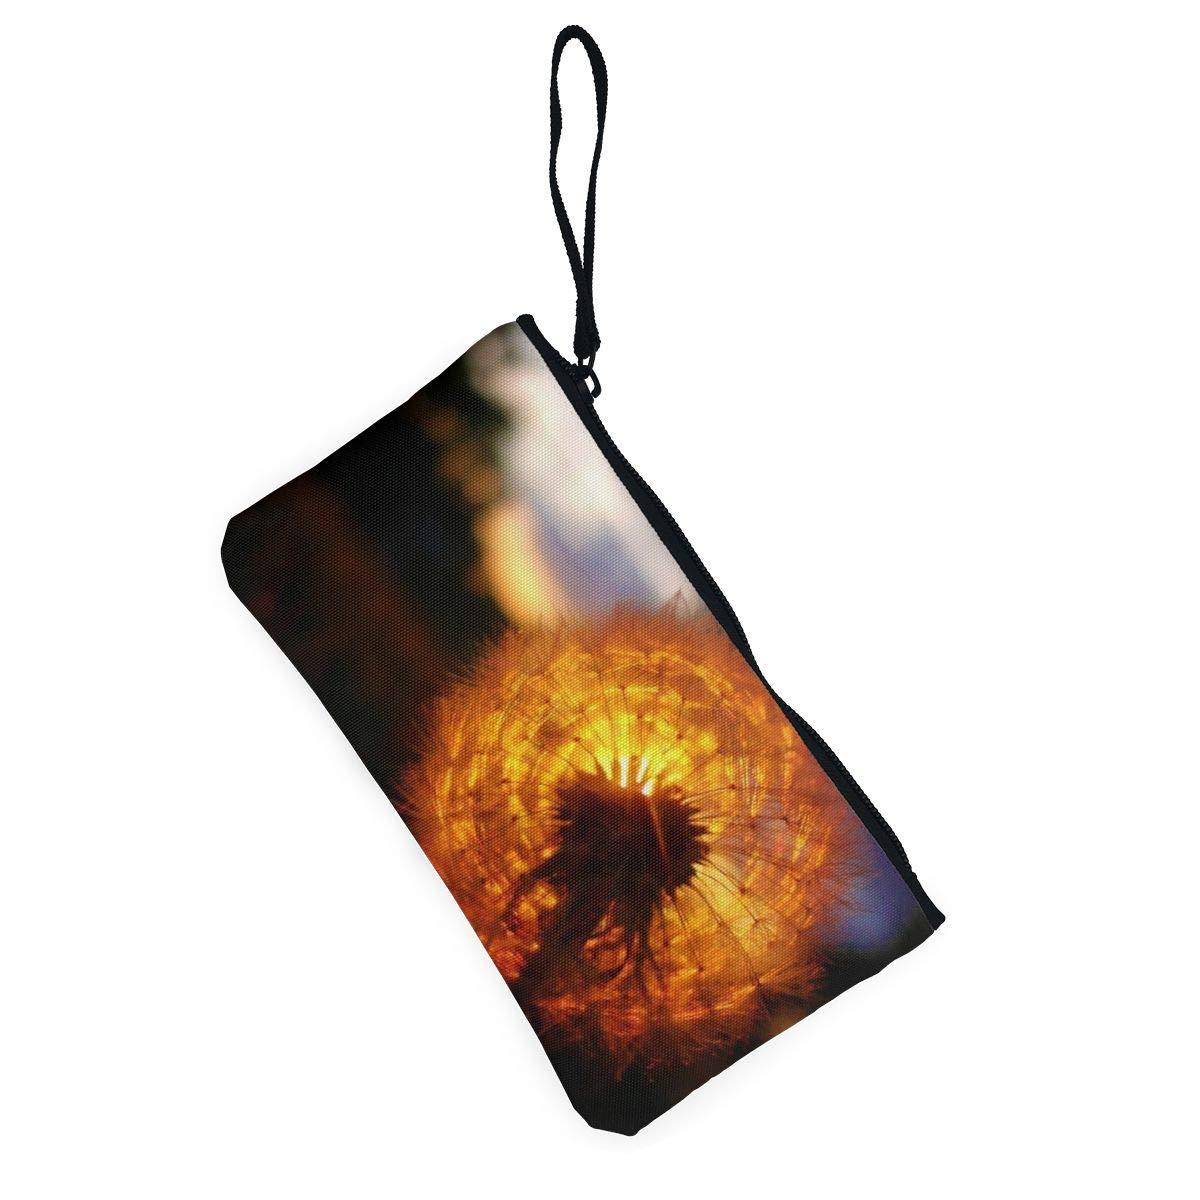 YUANSHAN Sun On Dandelion Unisex Canvas Coin Purse Change Cash Bag Zipper Small Purse Wallets with Handle